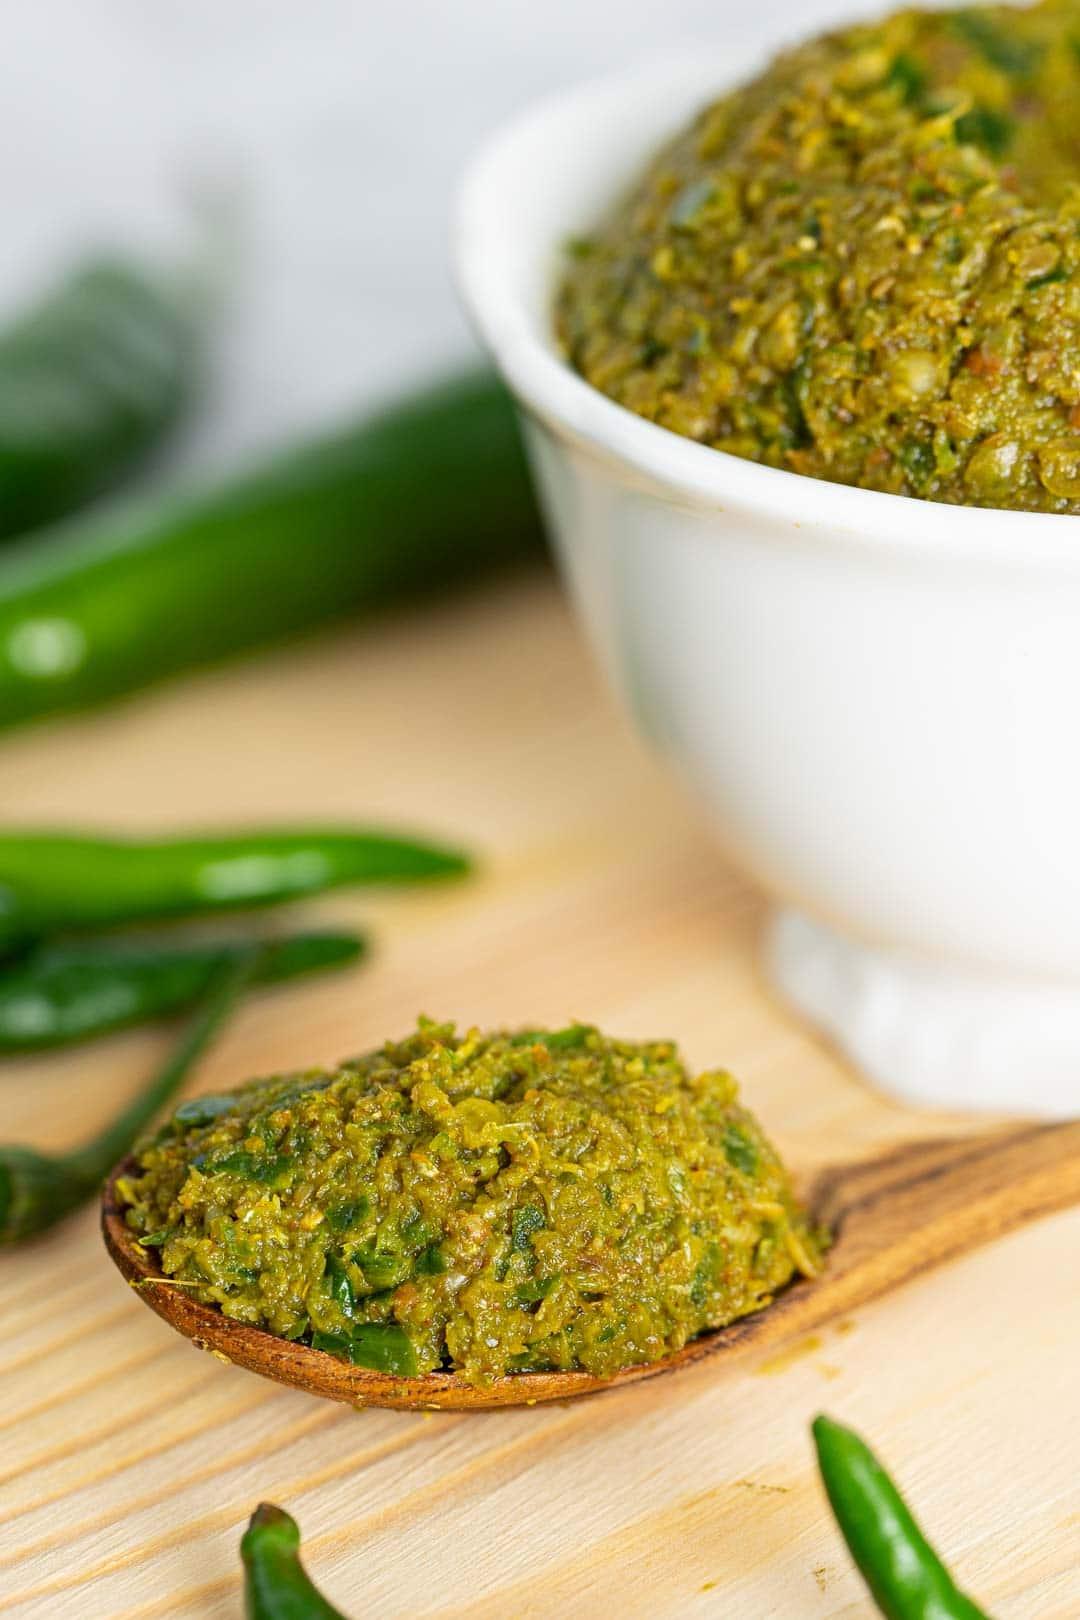 prik gaeng keow wan (พริกแกงเขียวหวาน) or Thai green curry paste in a wooden spoon